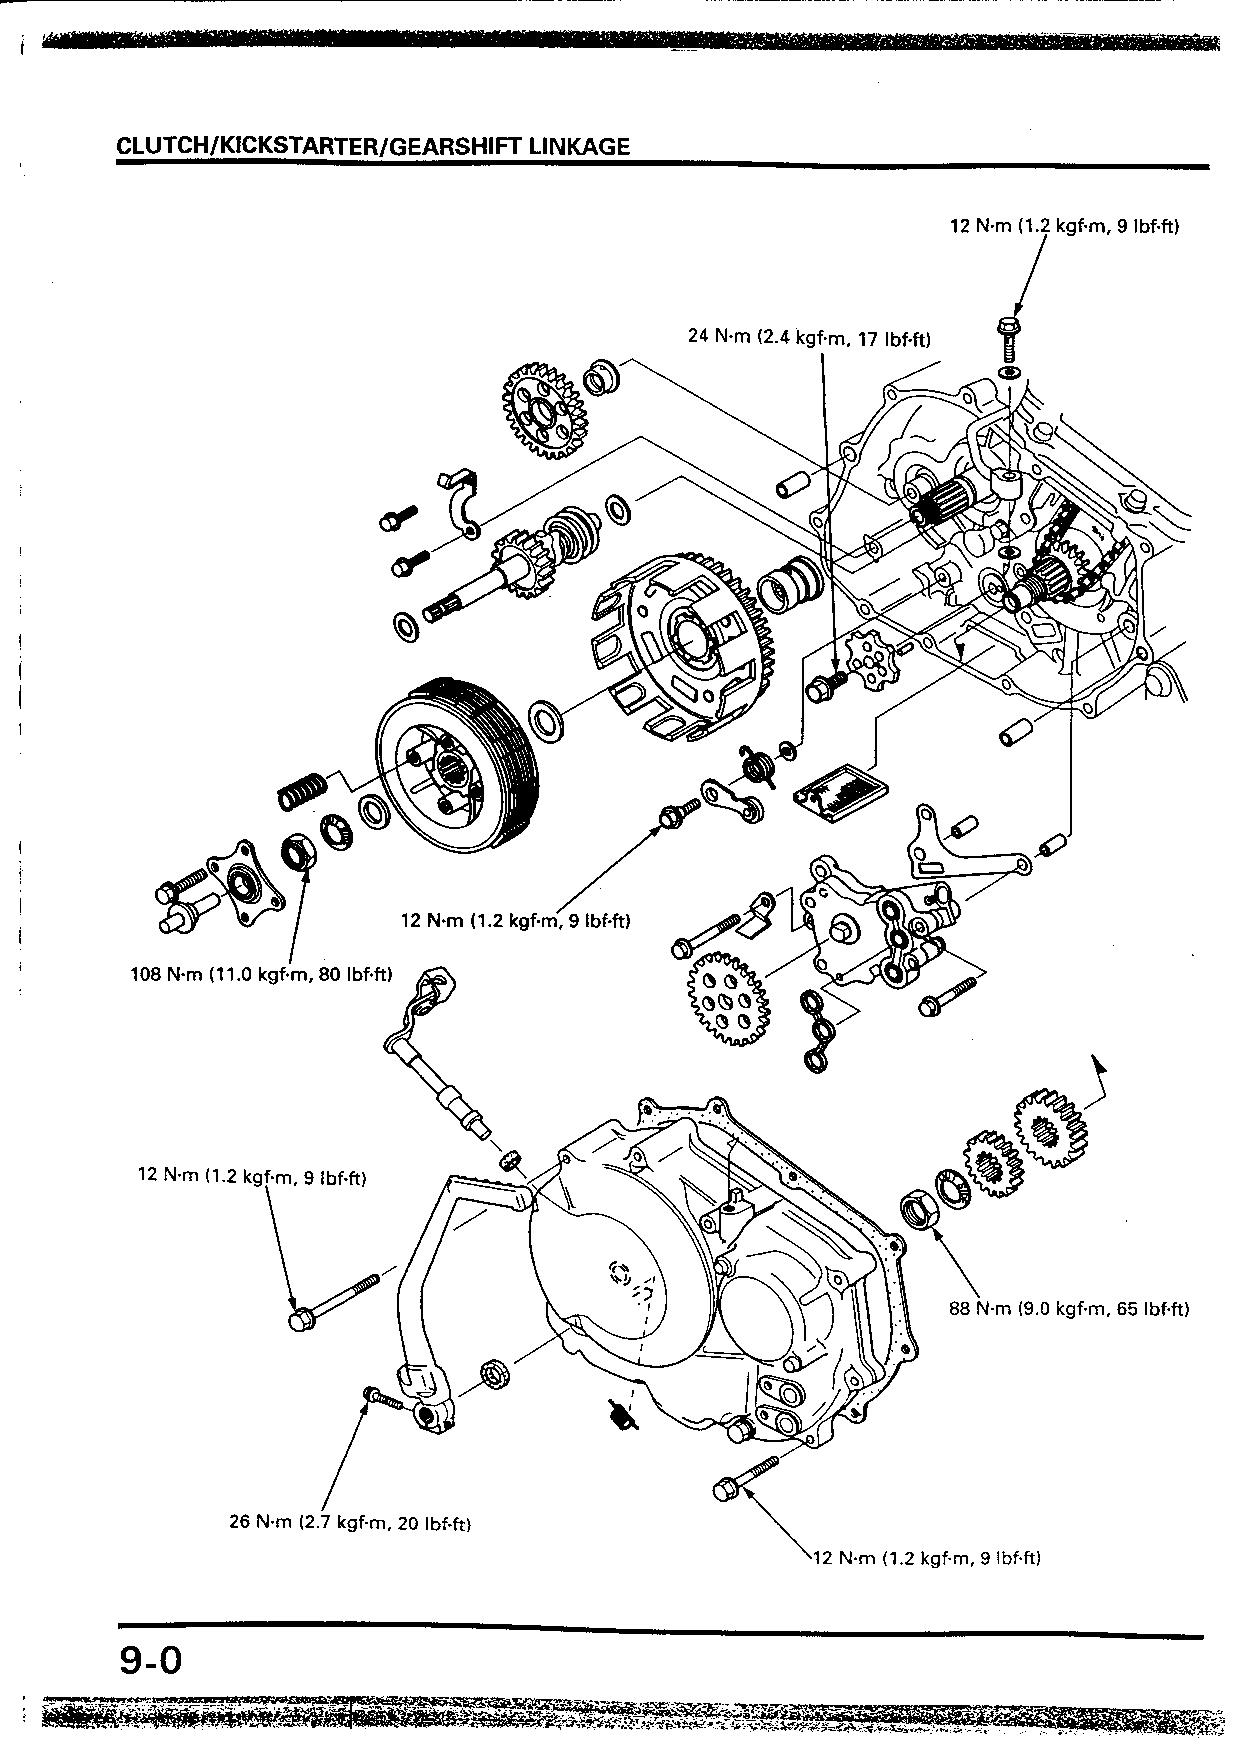 Honda 250R, XR250 Service Manual cap 9-10-11 XR400 1di2ManualMachine.com